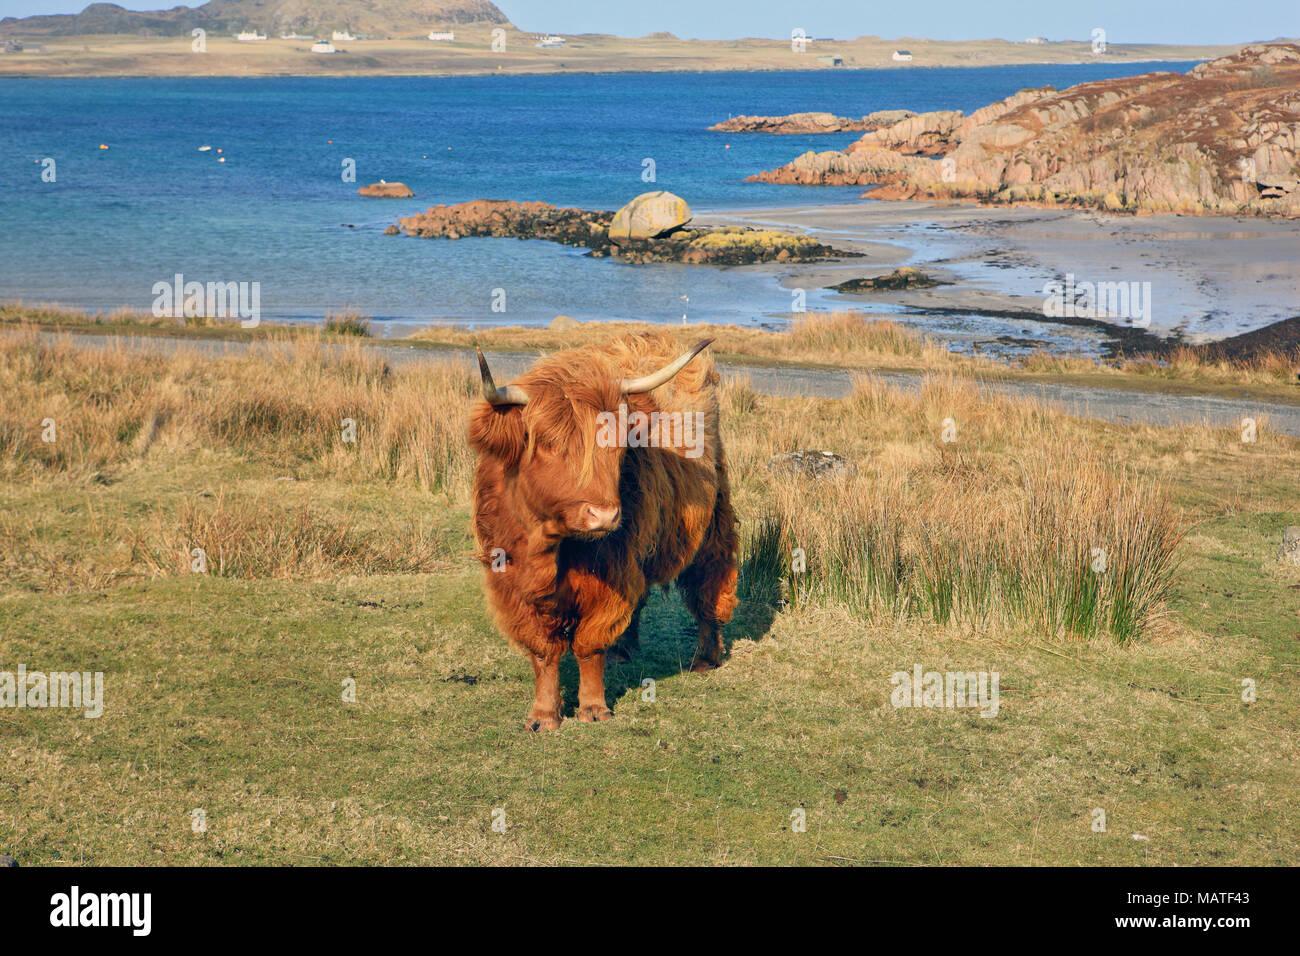 Highland mucca sopra la spiaggia di Fionnphort, Isle of Mull, con l'isola di Iona visibile in background. Immagini Stock